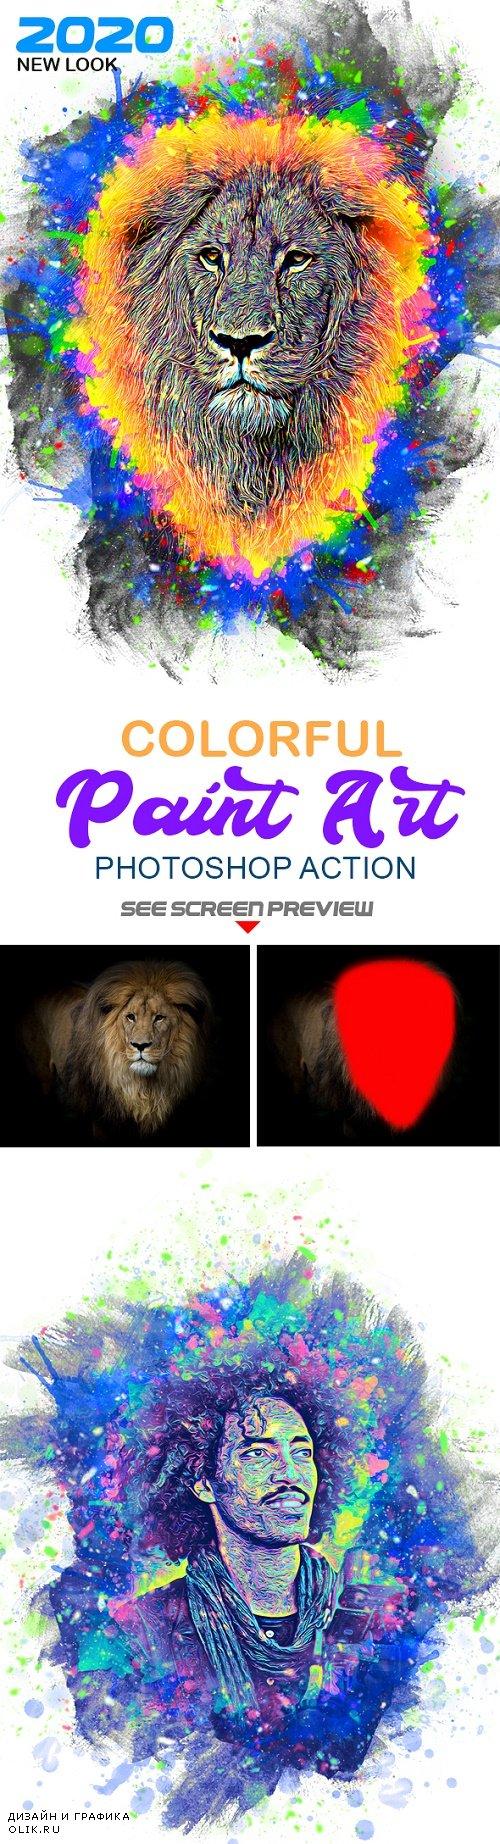 Colorful Paint Art Action 25543621